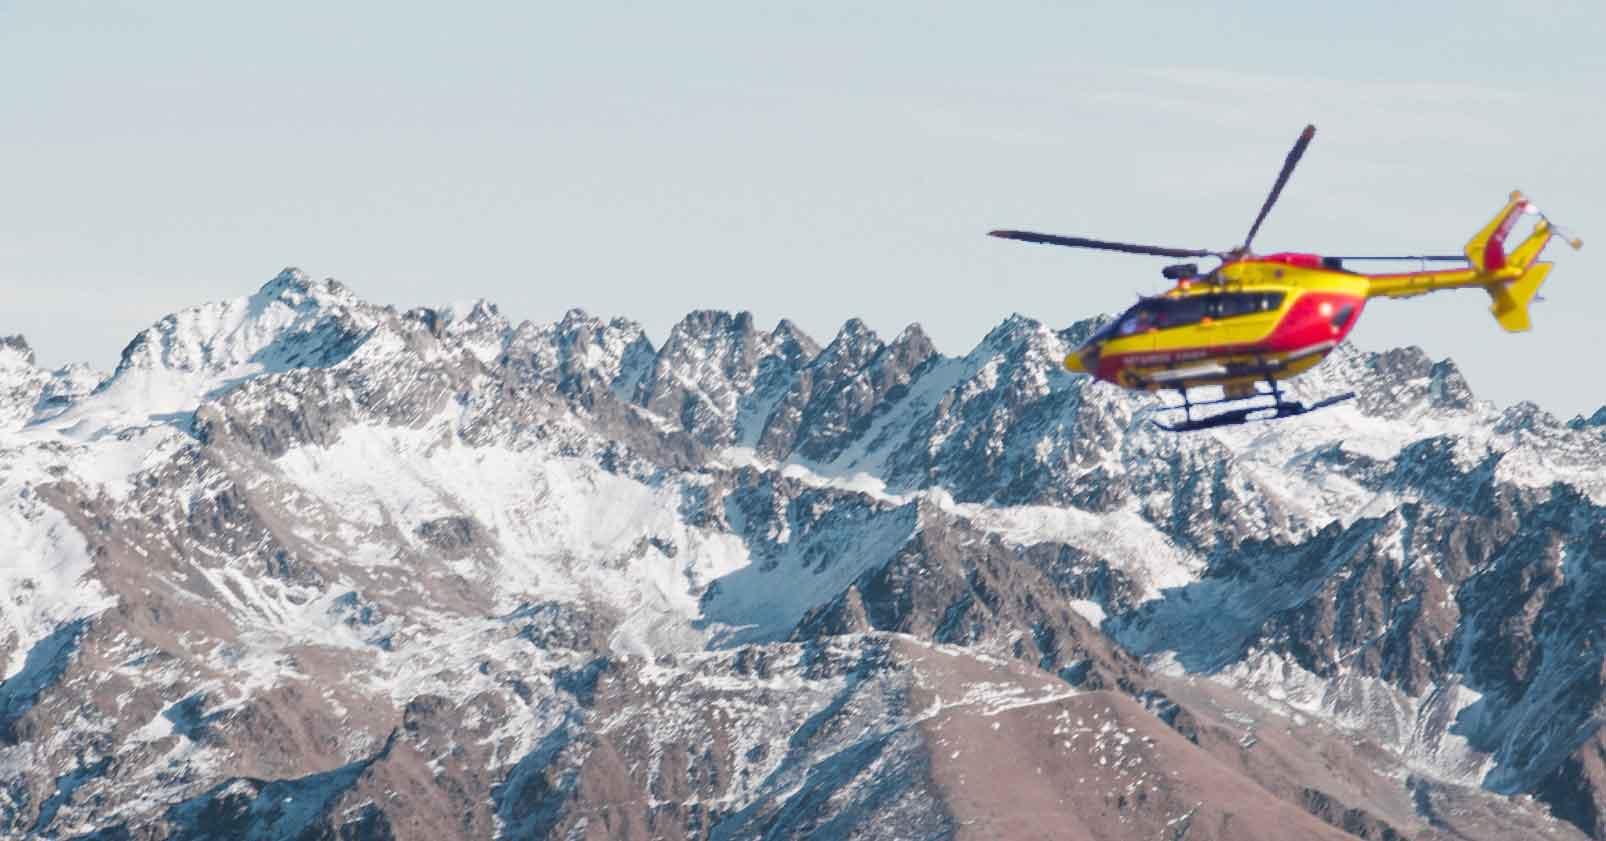 Intervention des services de secours en montagne, balise de détresse